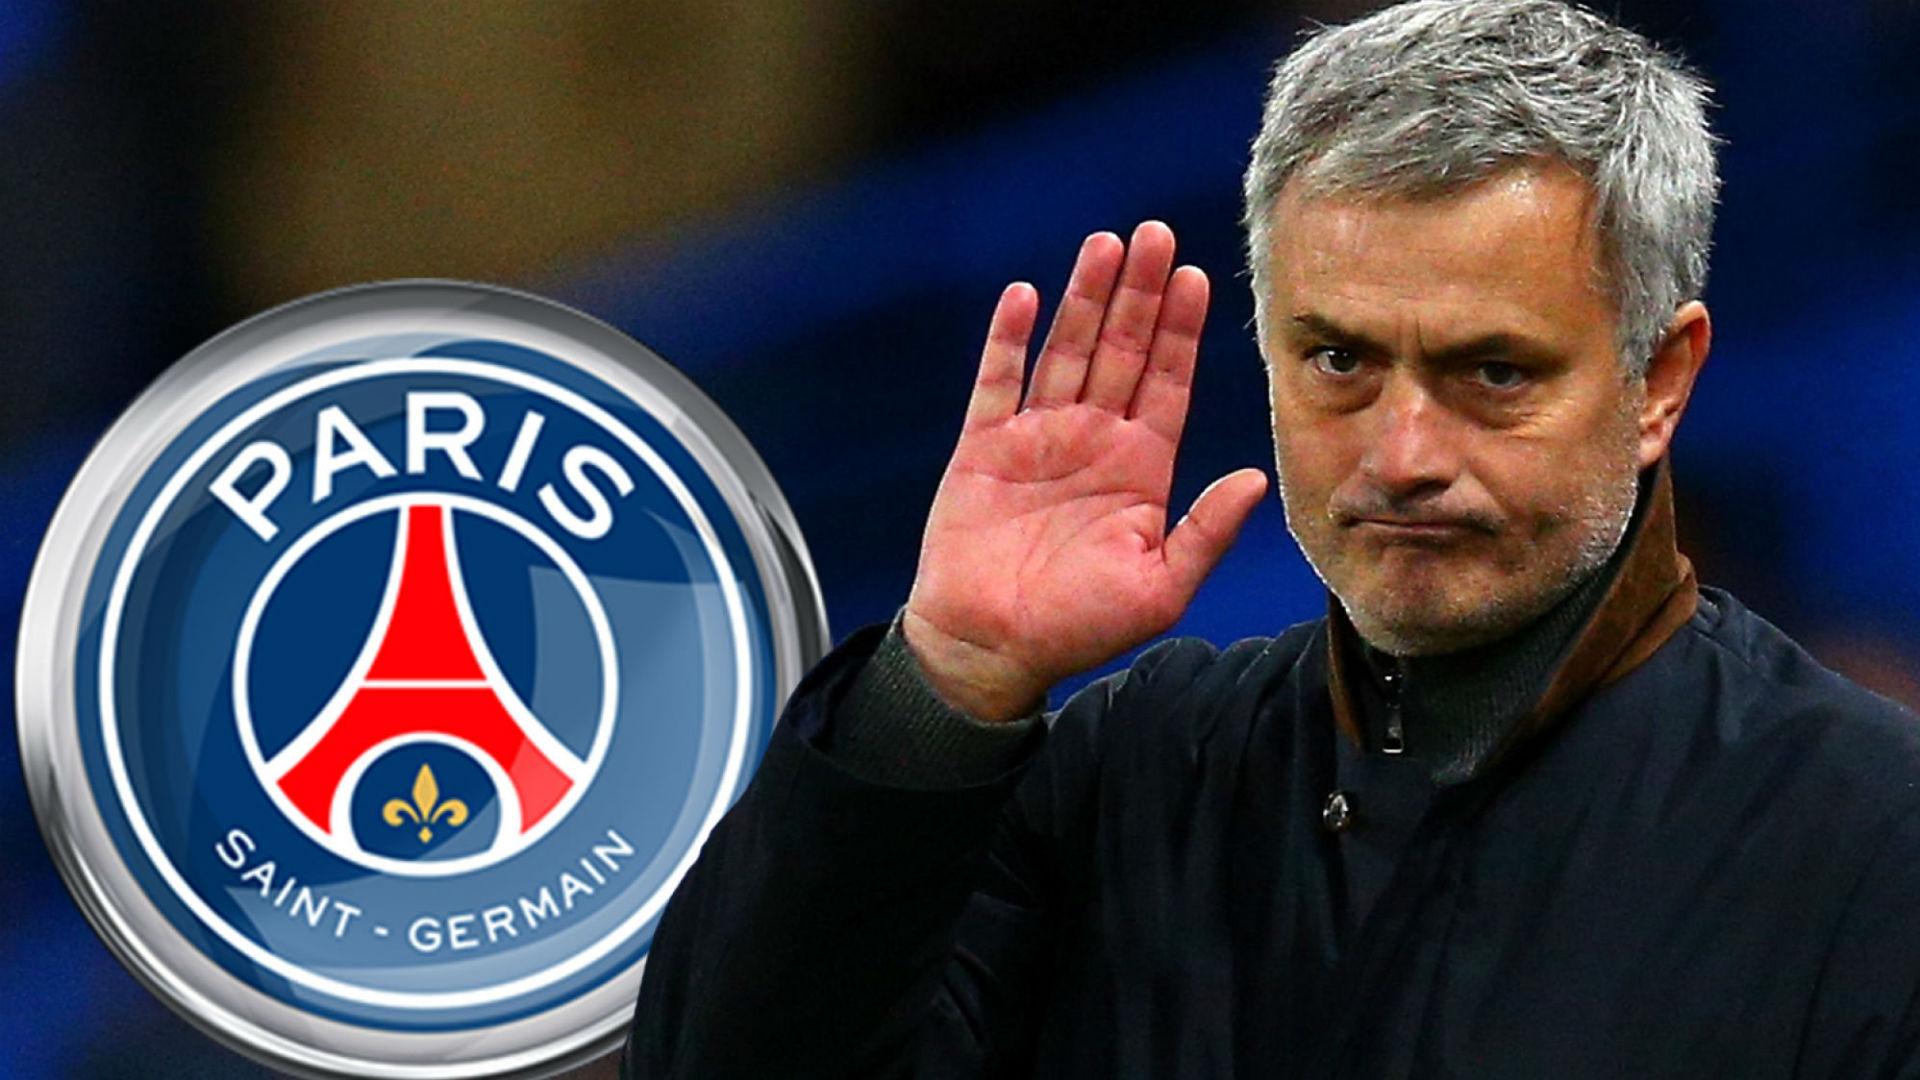 35 مليون يورو لإستقطاب مورينيو إلى باريس